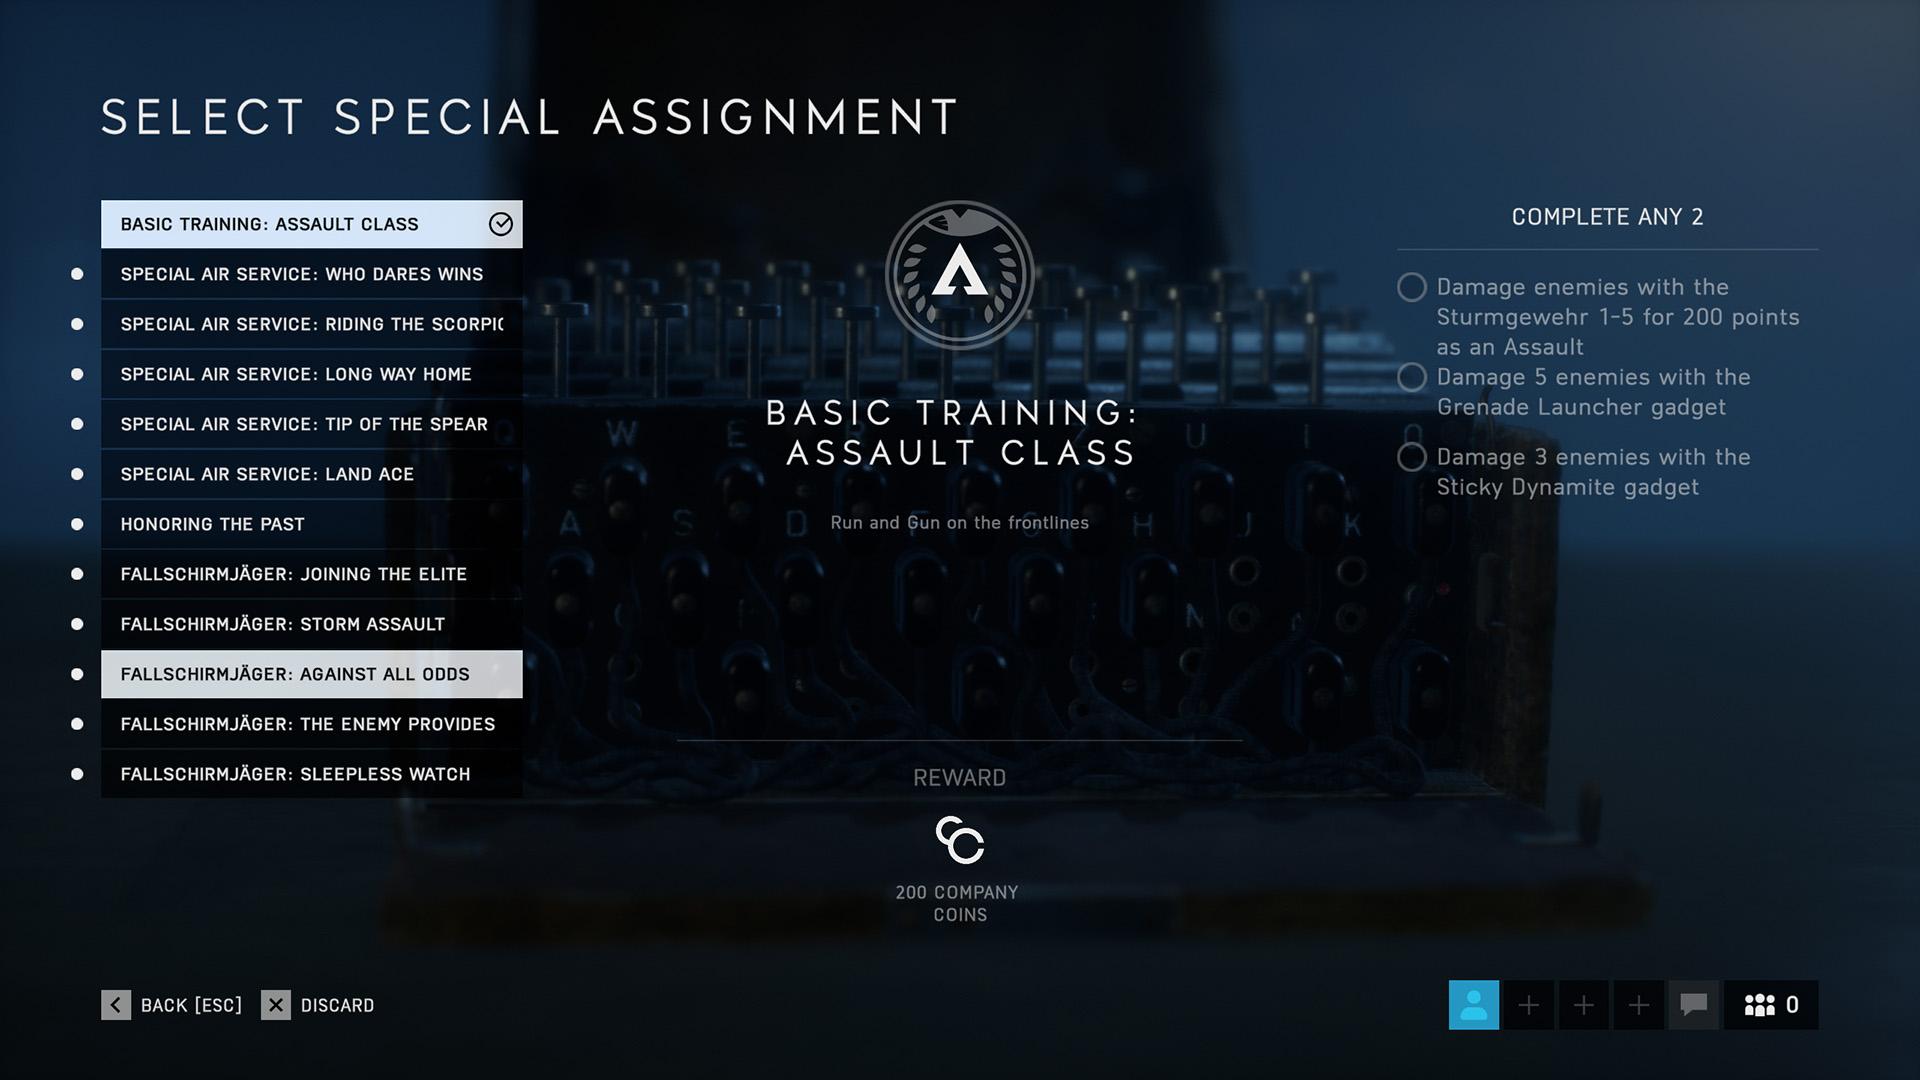 Battlefield V Screenshot 2018_0032_Battlefield V Screenshot 2018.11.11 - 20.29.48.16.jpg